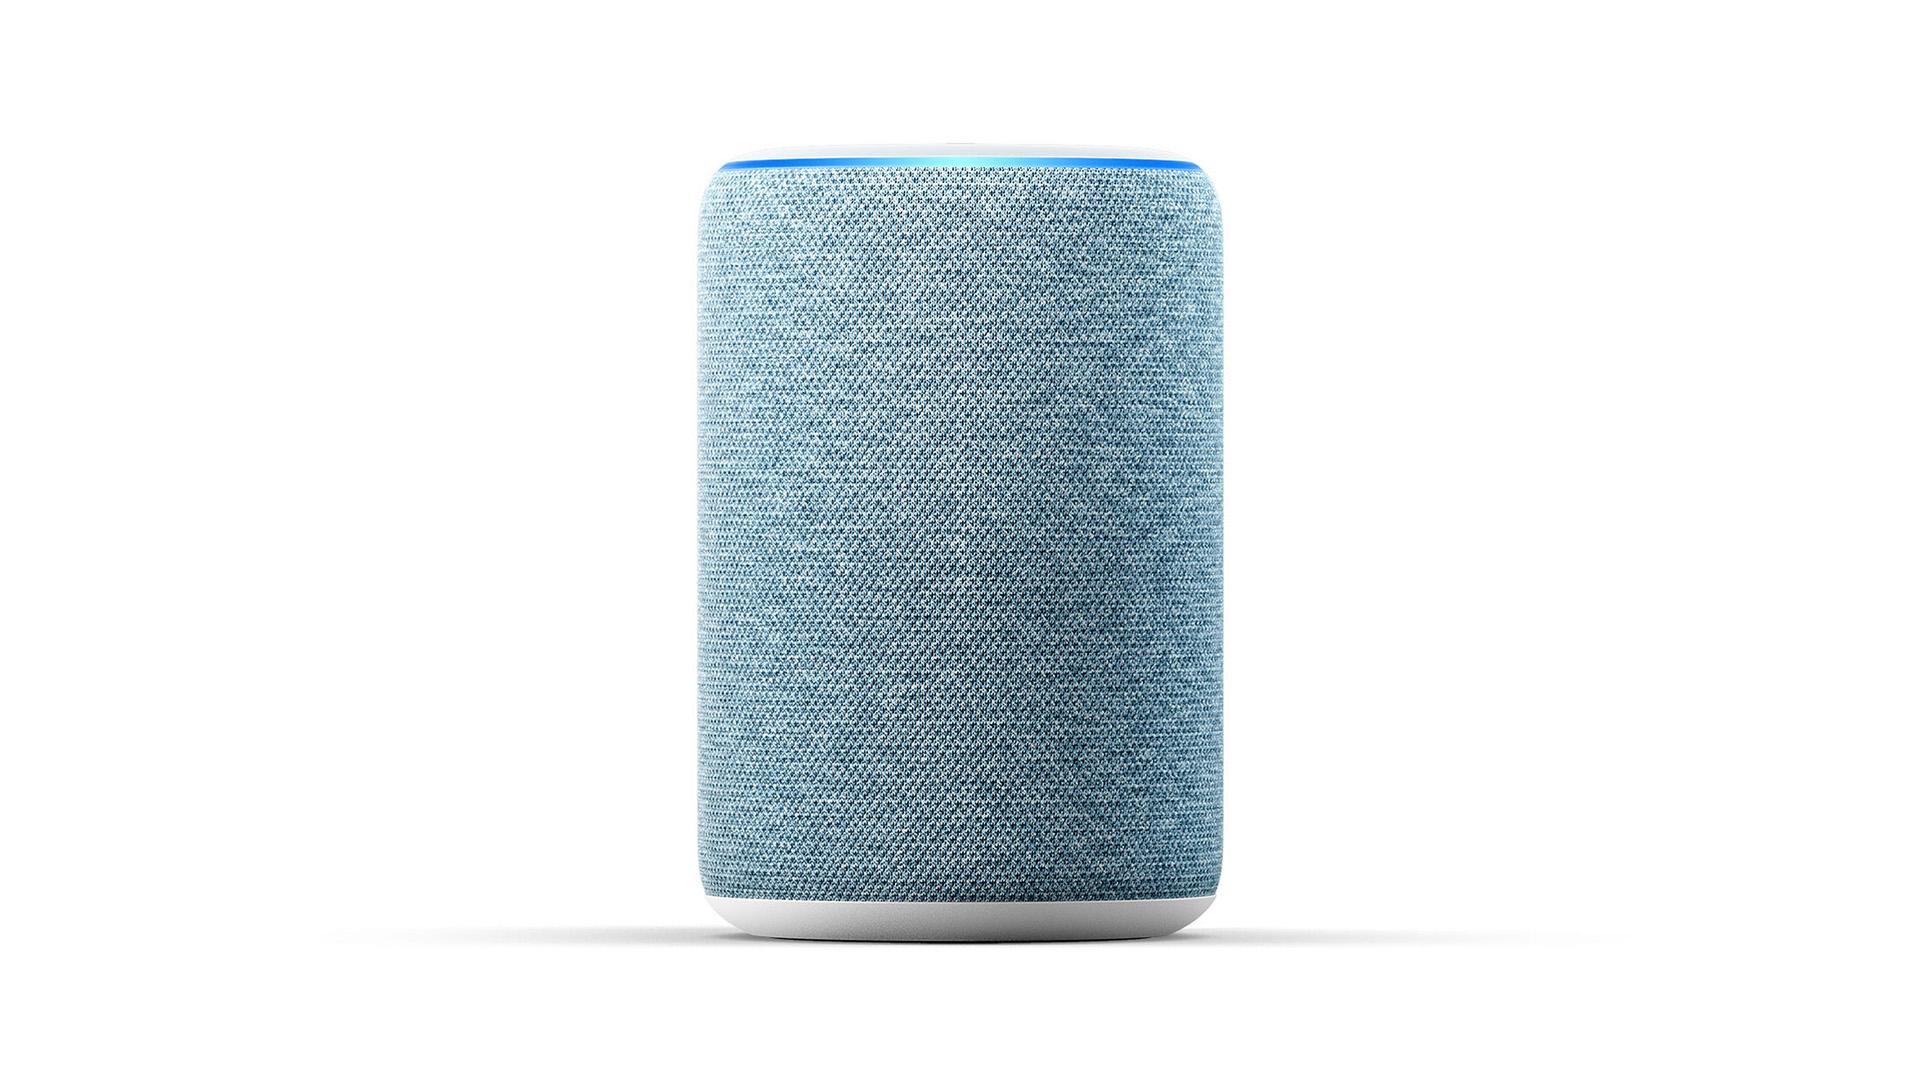 Amazon Echo (3rd Generation) review   What Hi-Fi?